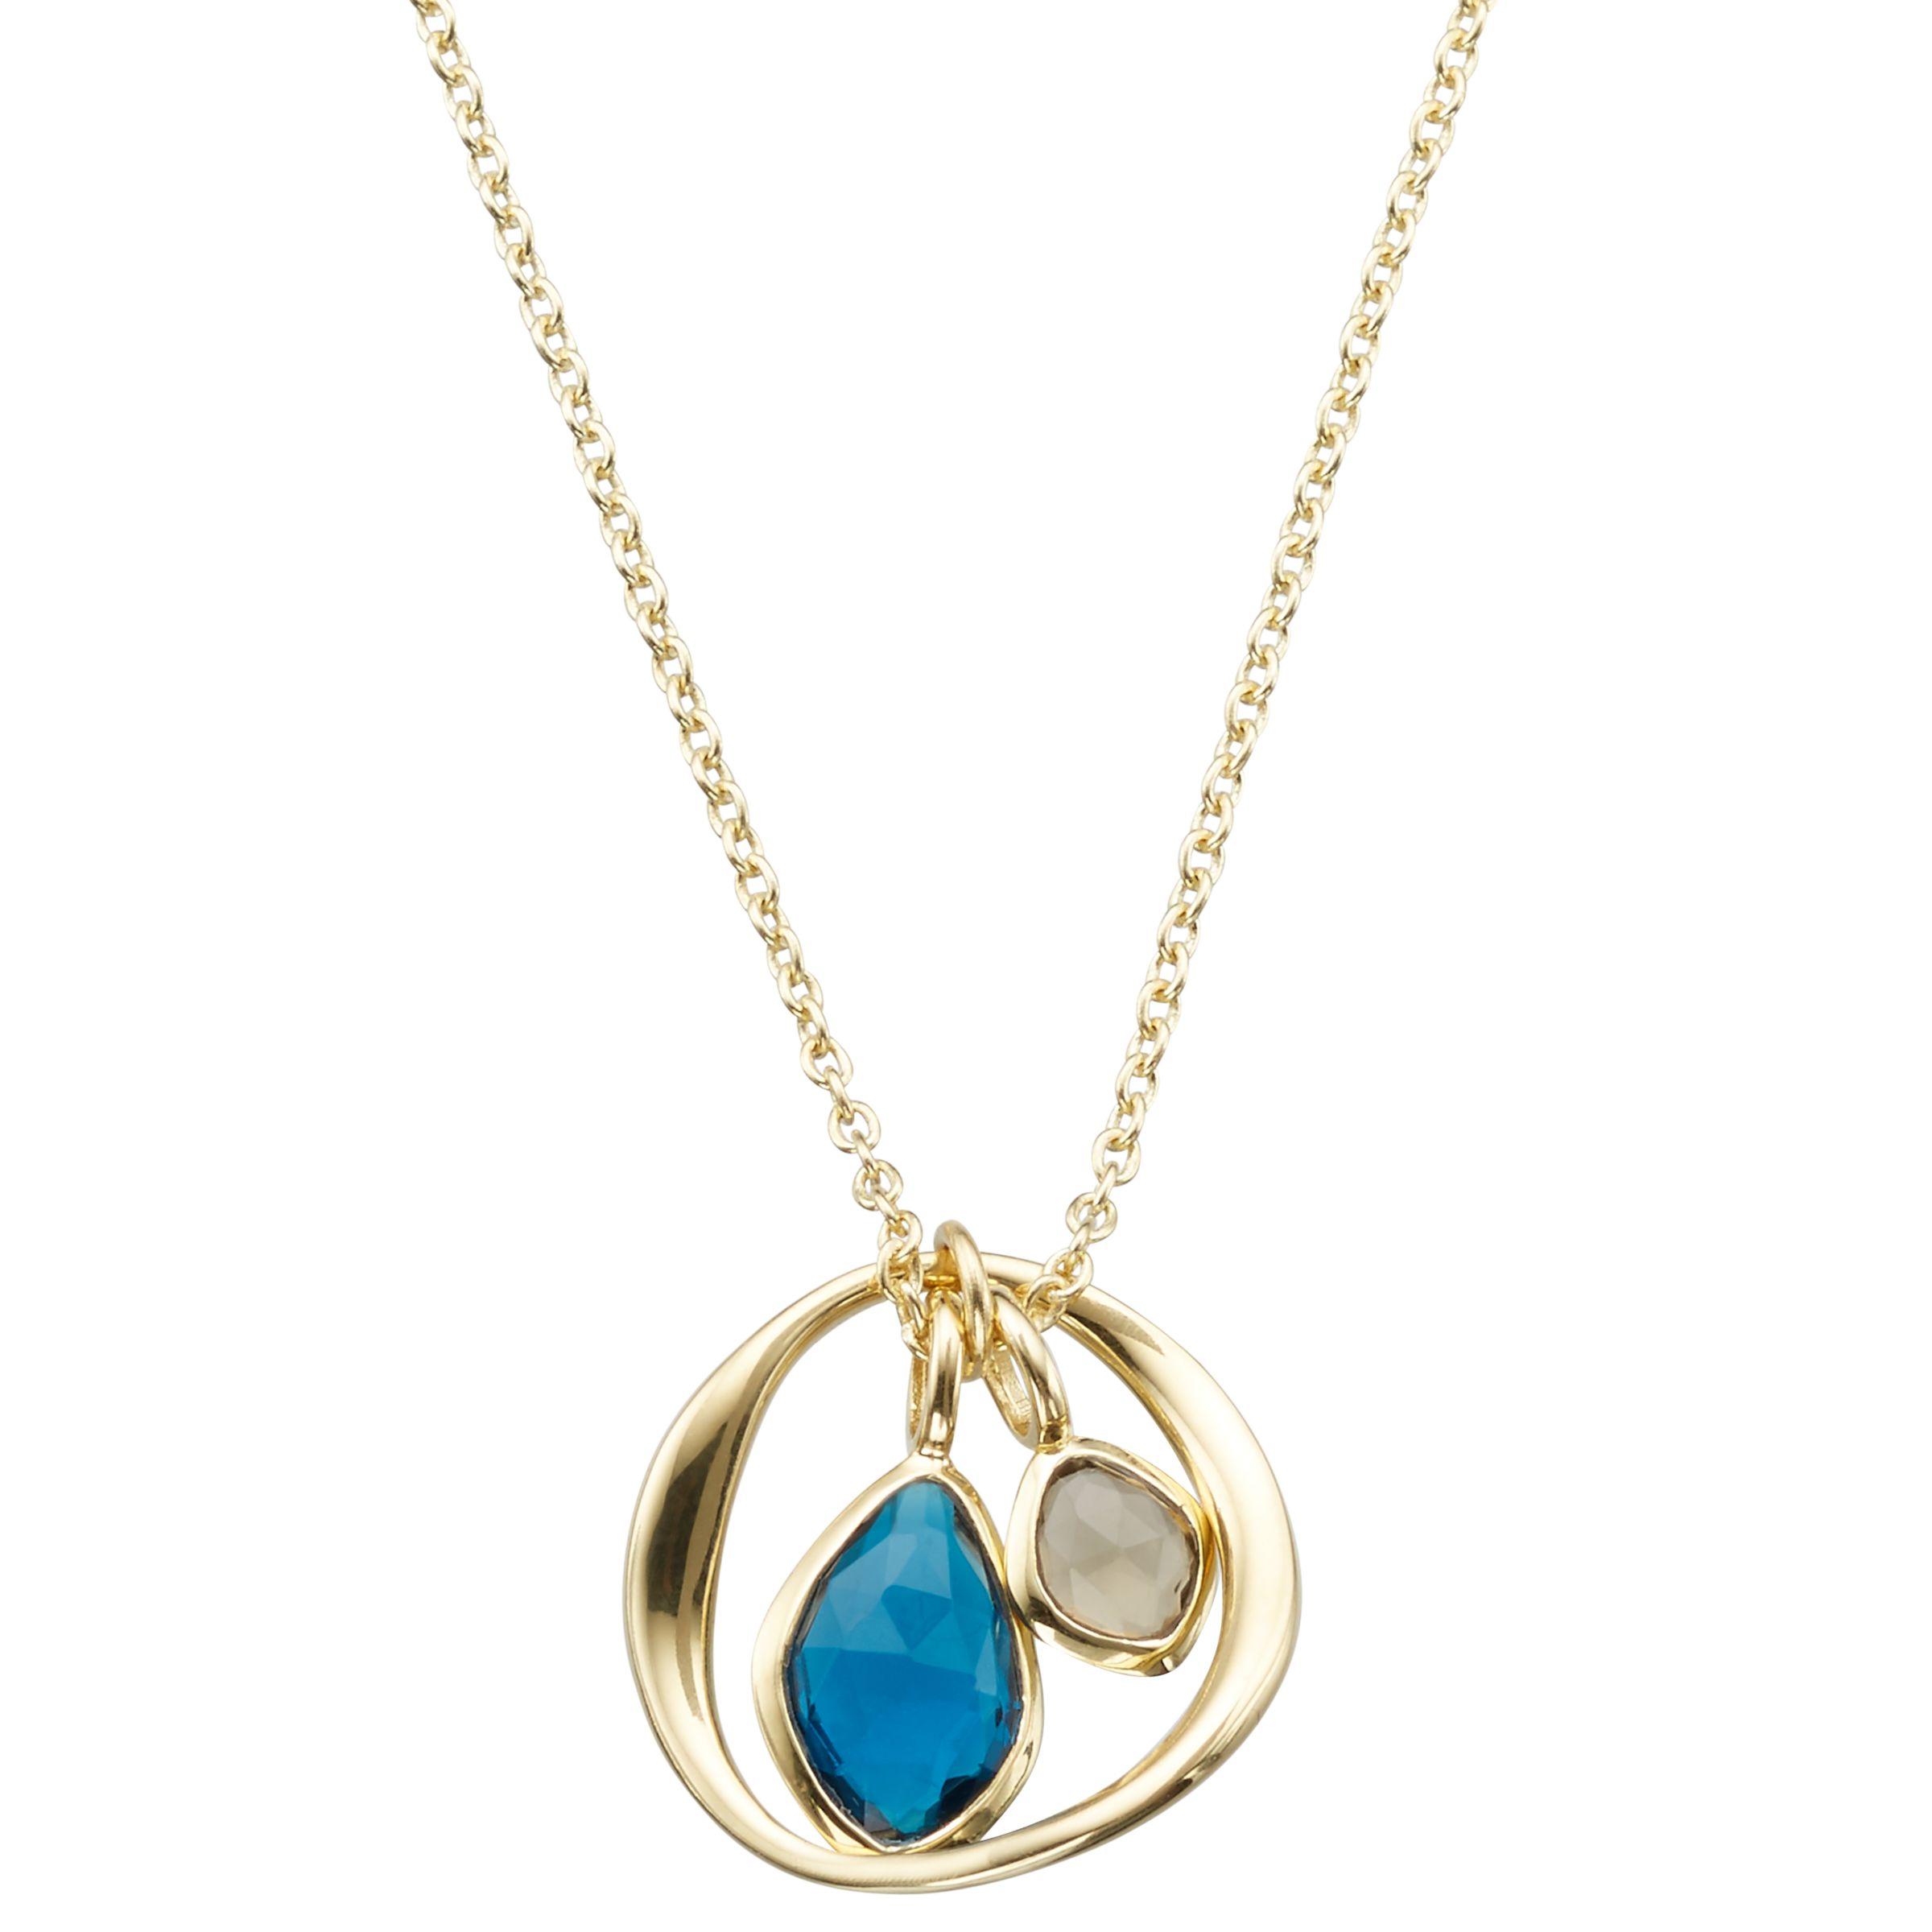 John Lewis Gemstones John Lewis Gemstones Open Circle Topaz and Quartz Pendant Necklace, Blue/Beige